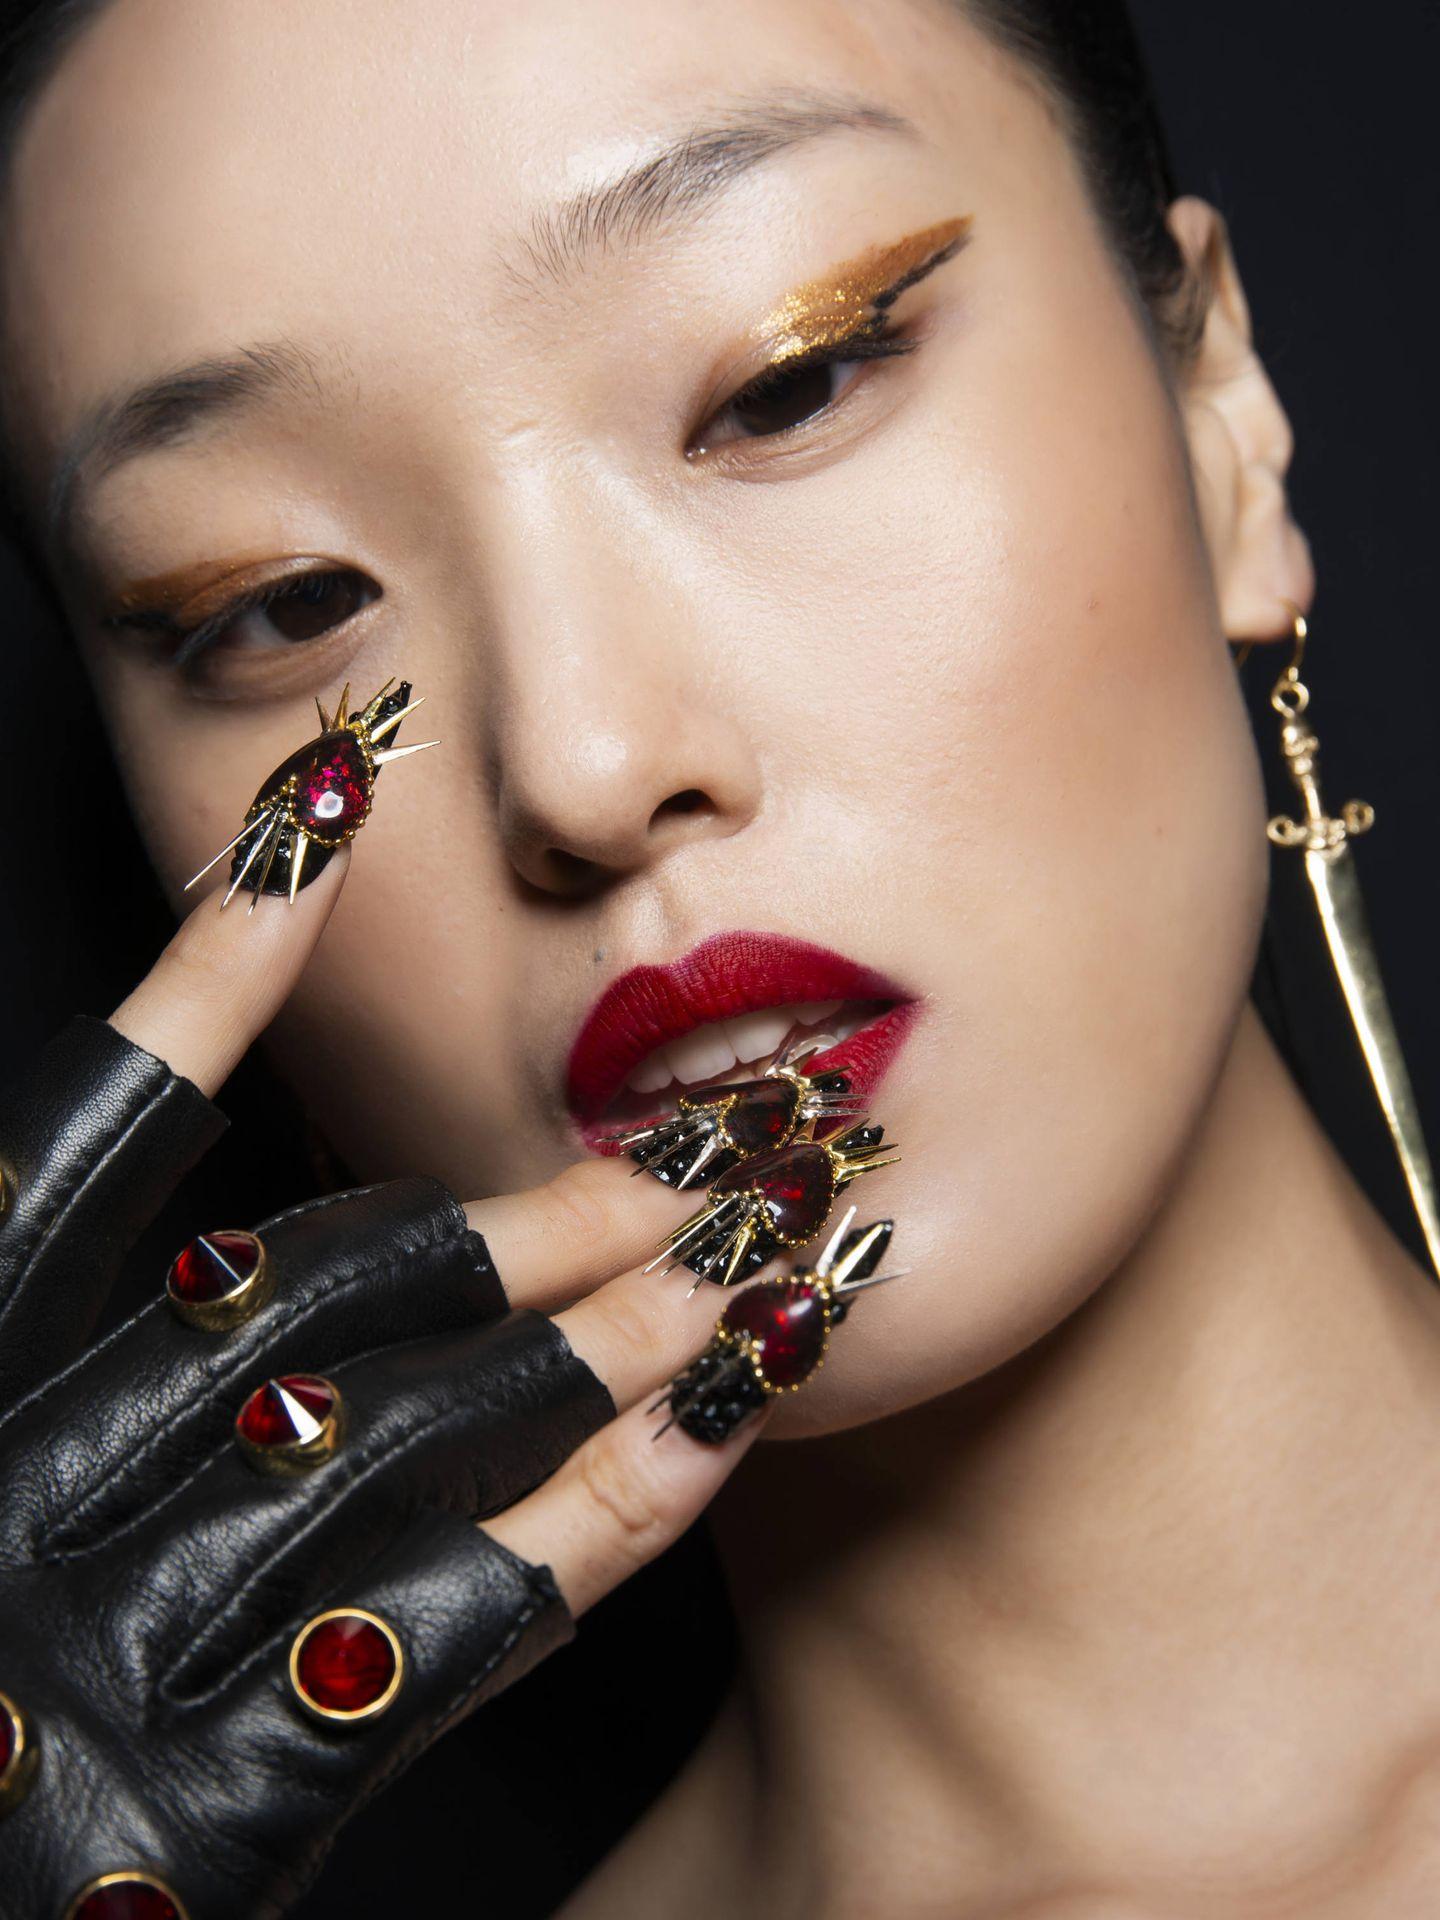 Vuelca tu creatividad en tu manicura. (Imaxtree)